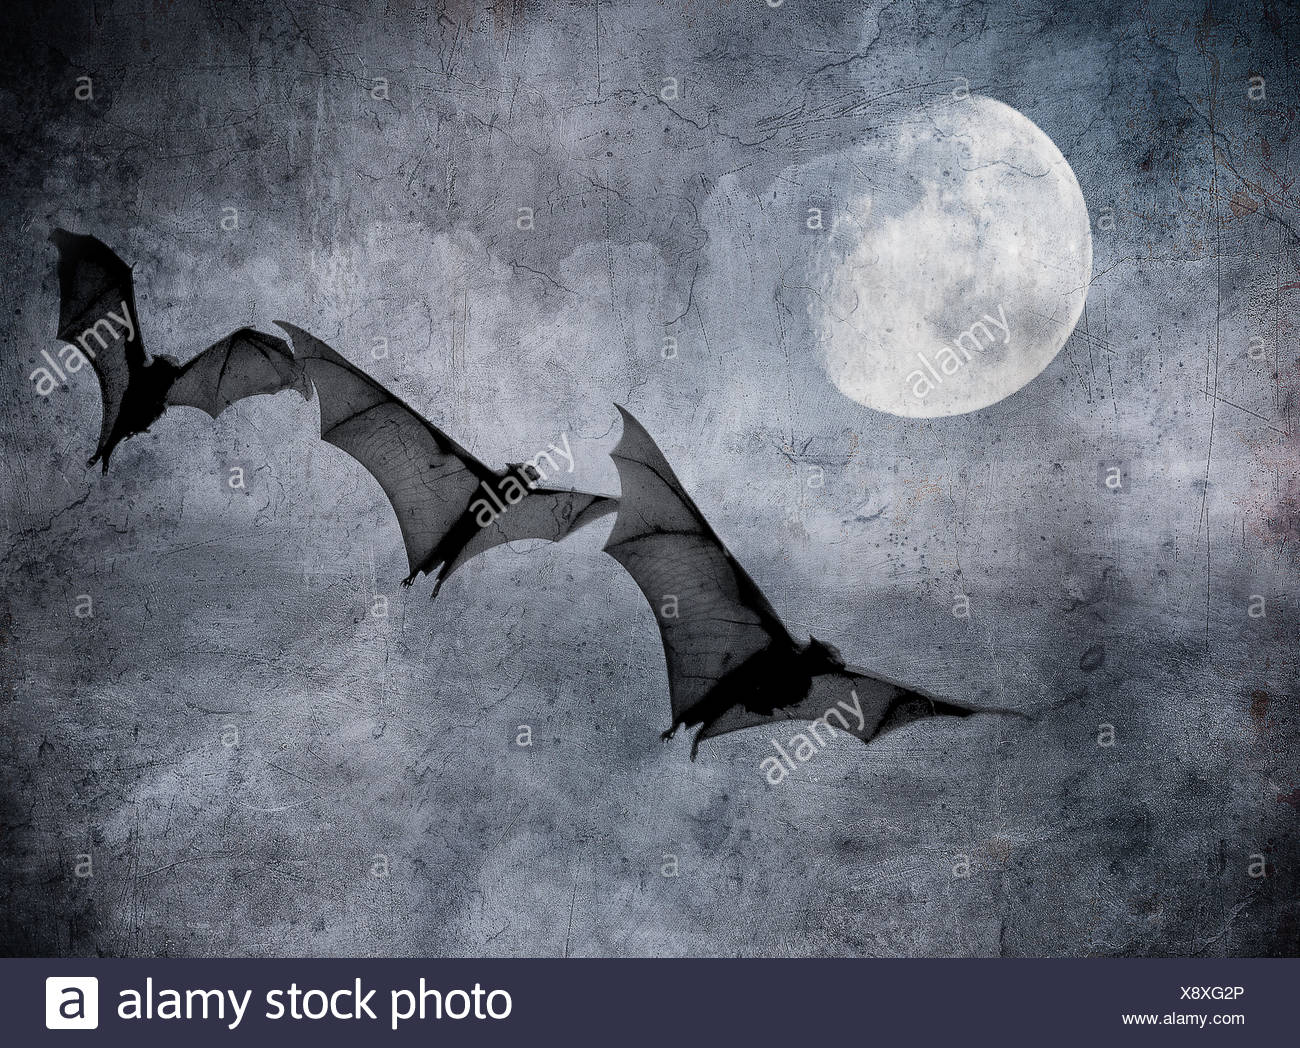 Los murciélagos en el oscuro cielo nublado, perfecto de fondo de Halloween Imagen De Stock